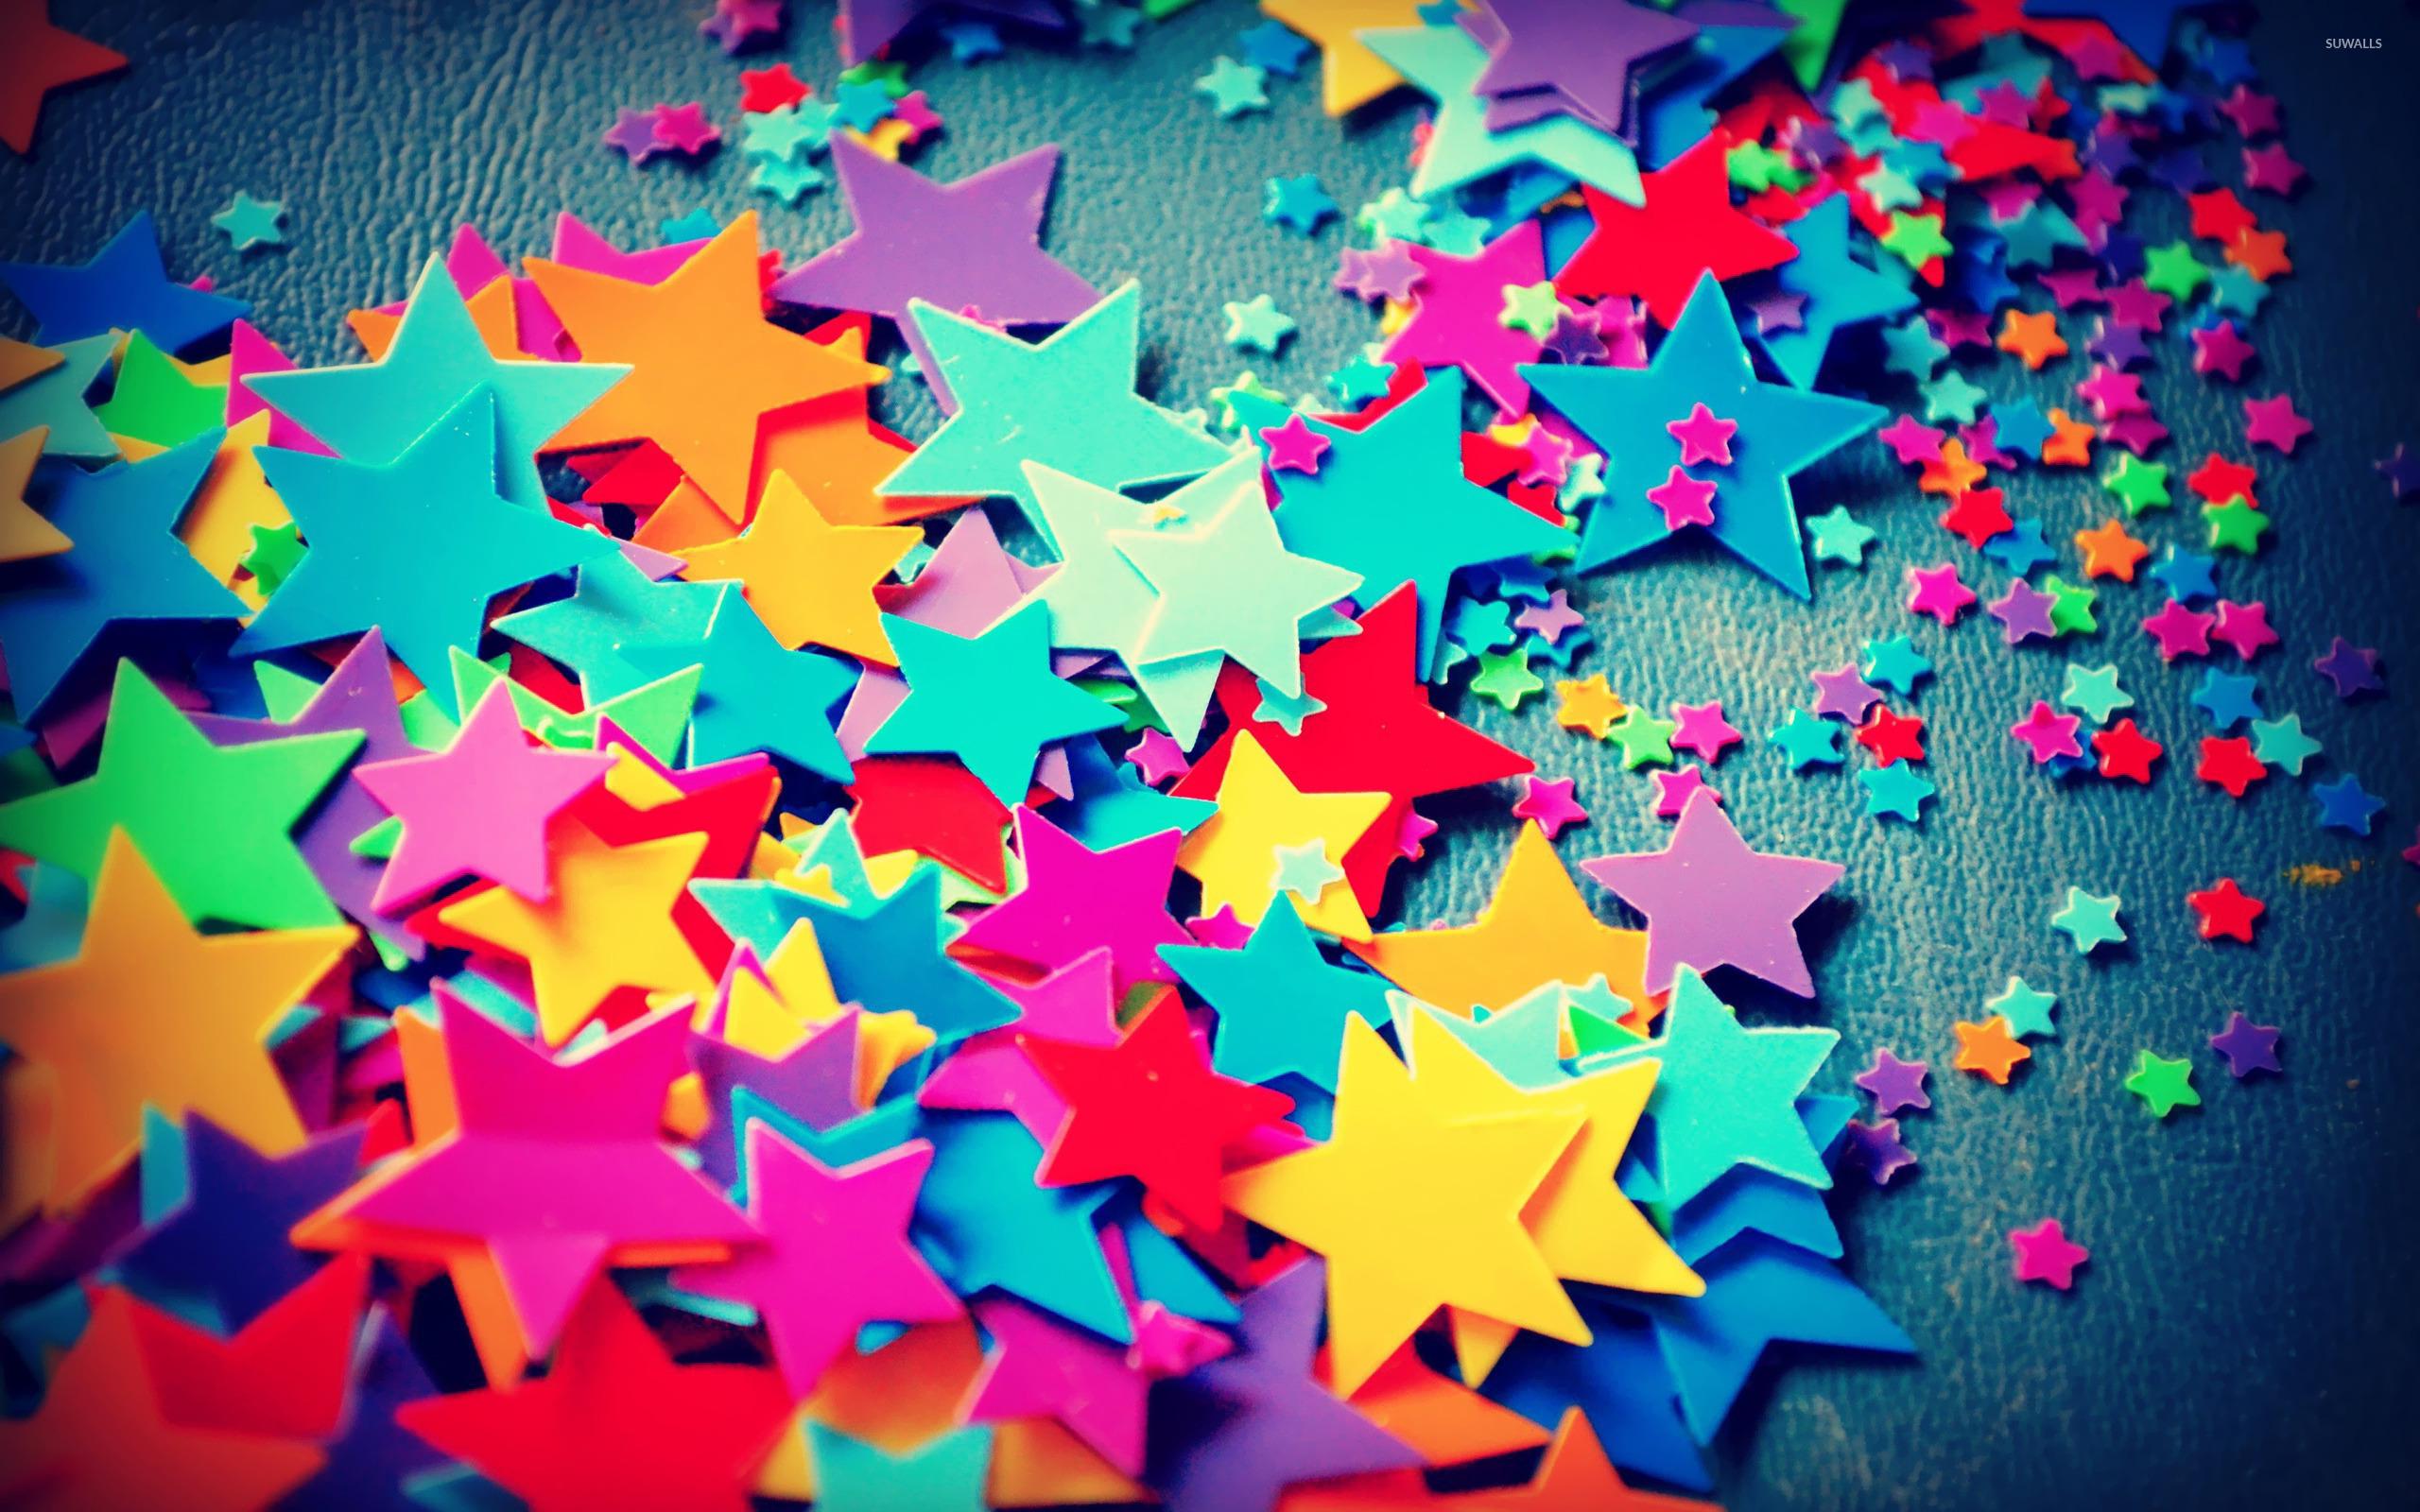 Plastic Stars Wallpaper